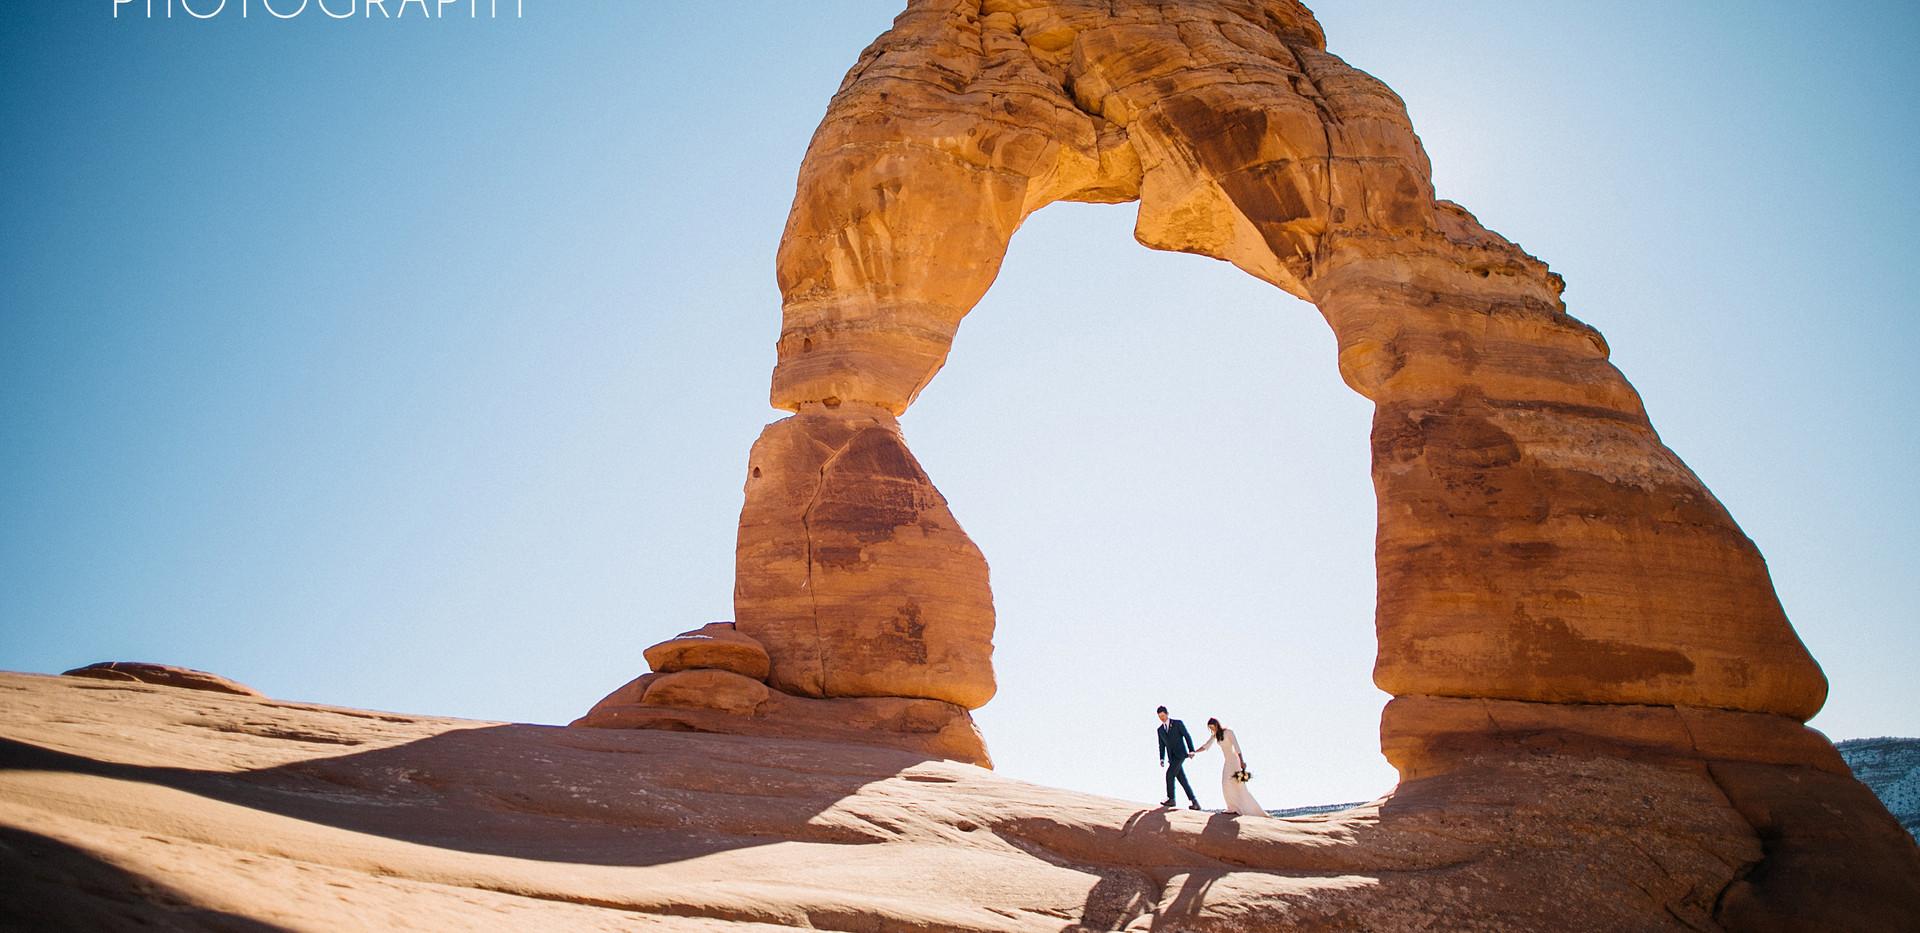 No Wedding Arch Needed!